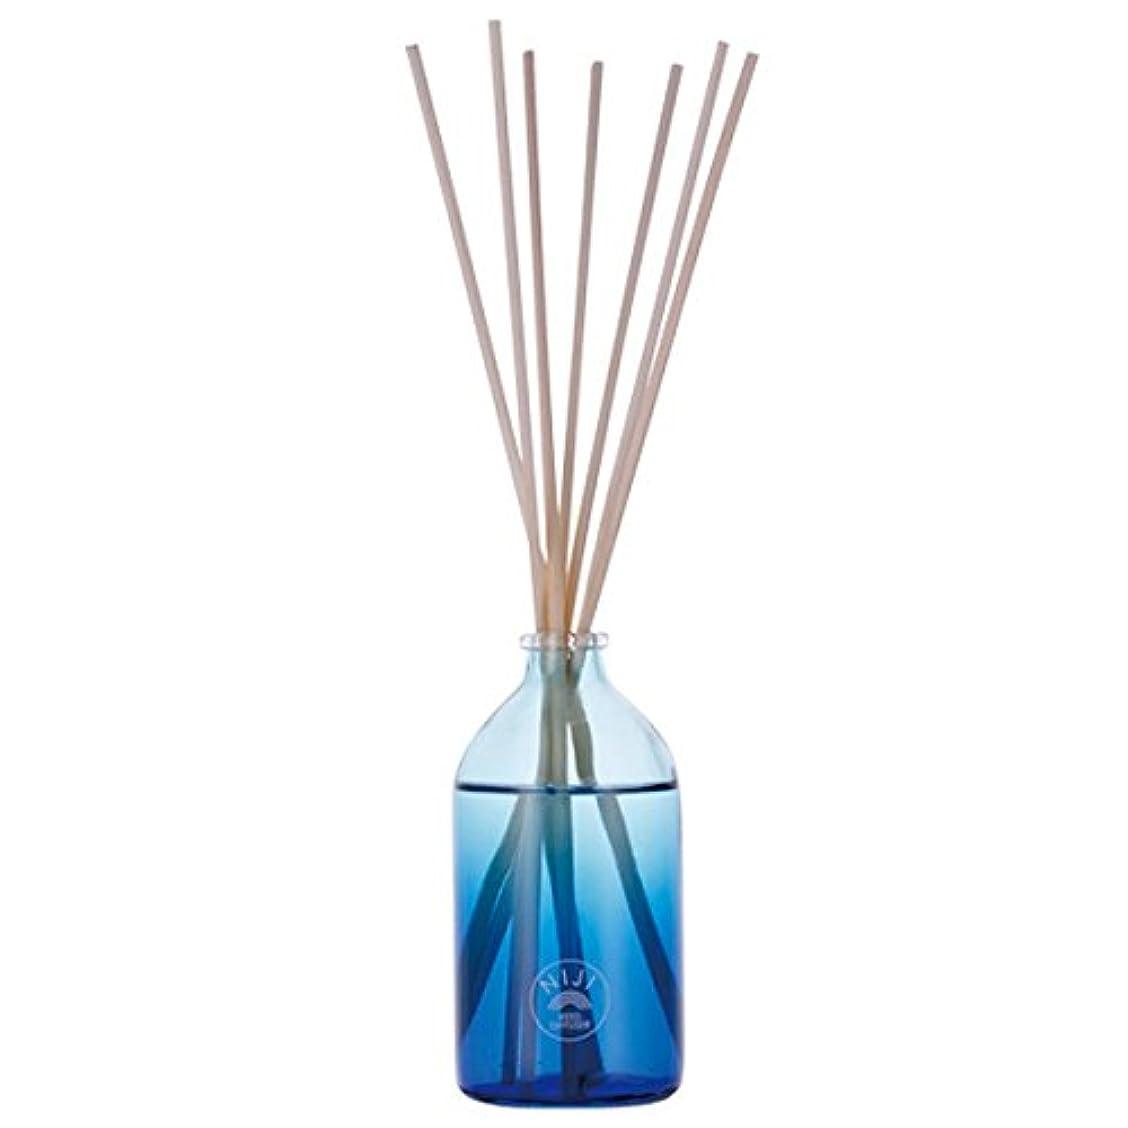 バラエティ裁判所筋大香 NIJI reed diffuser Bright blue Sky 100ml